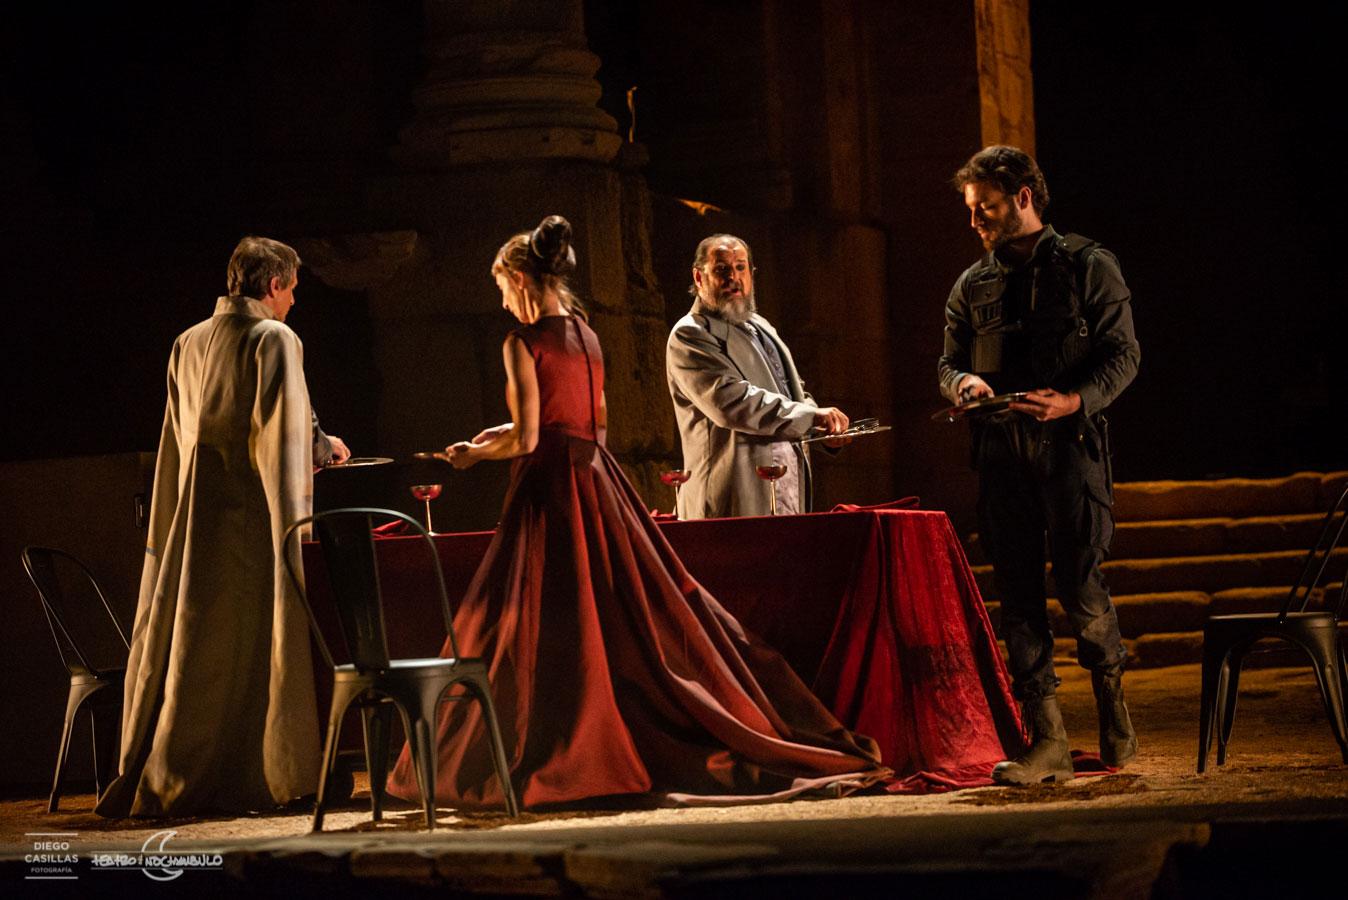 Tito Andrónico, de William Shakespeare. © Teatro del Noctámbulo · Festival Internacional de Teatro Clásico de Mérida 2019